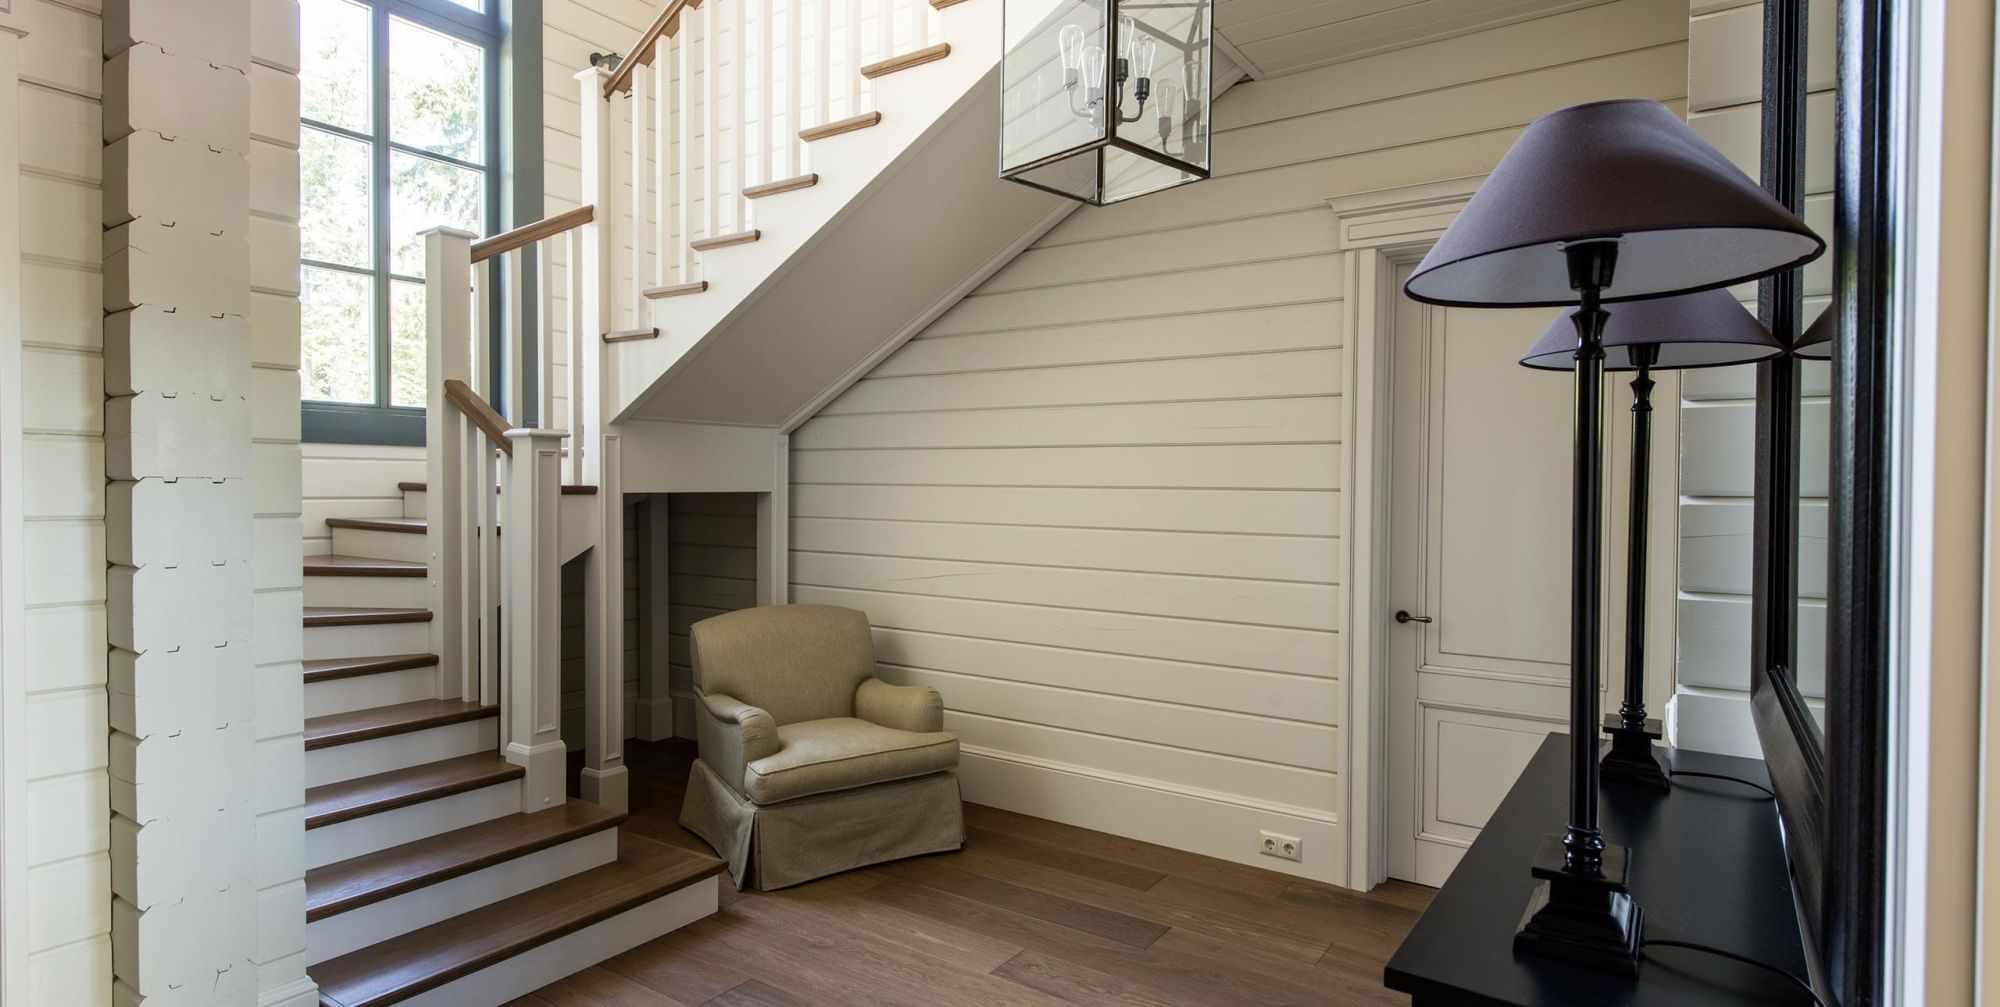 ötlet egy szokatlan kialakítású lépcsőn egy becsületes házban